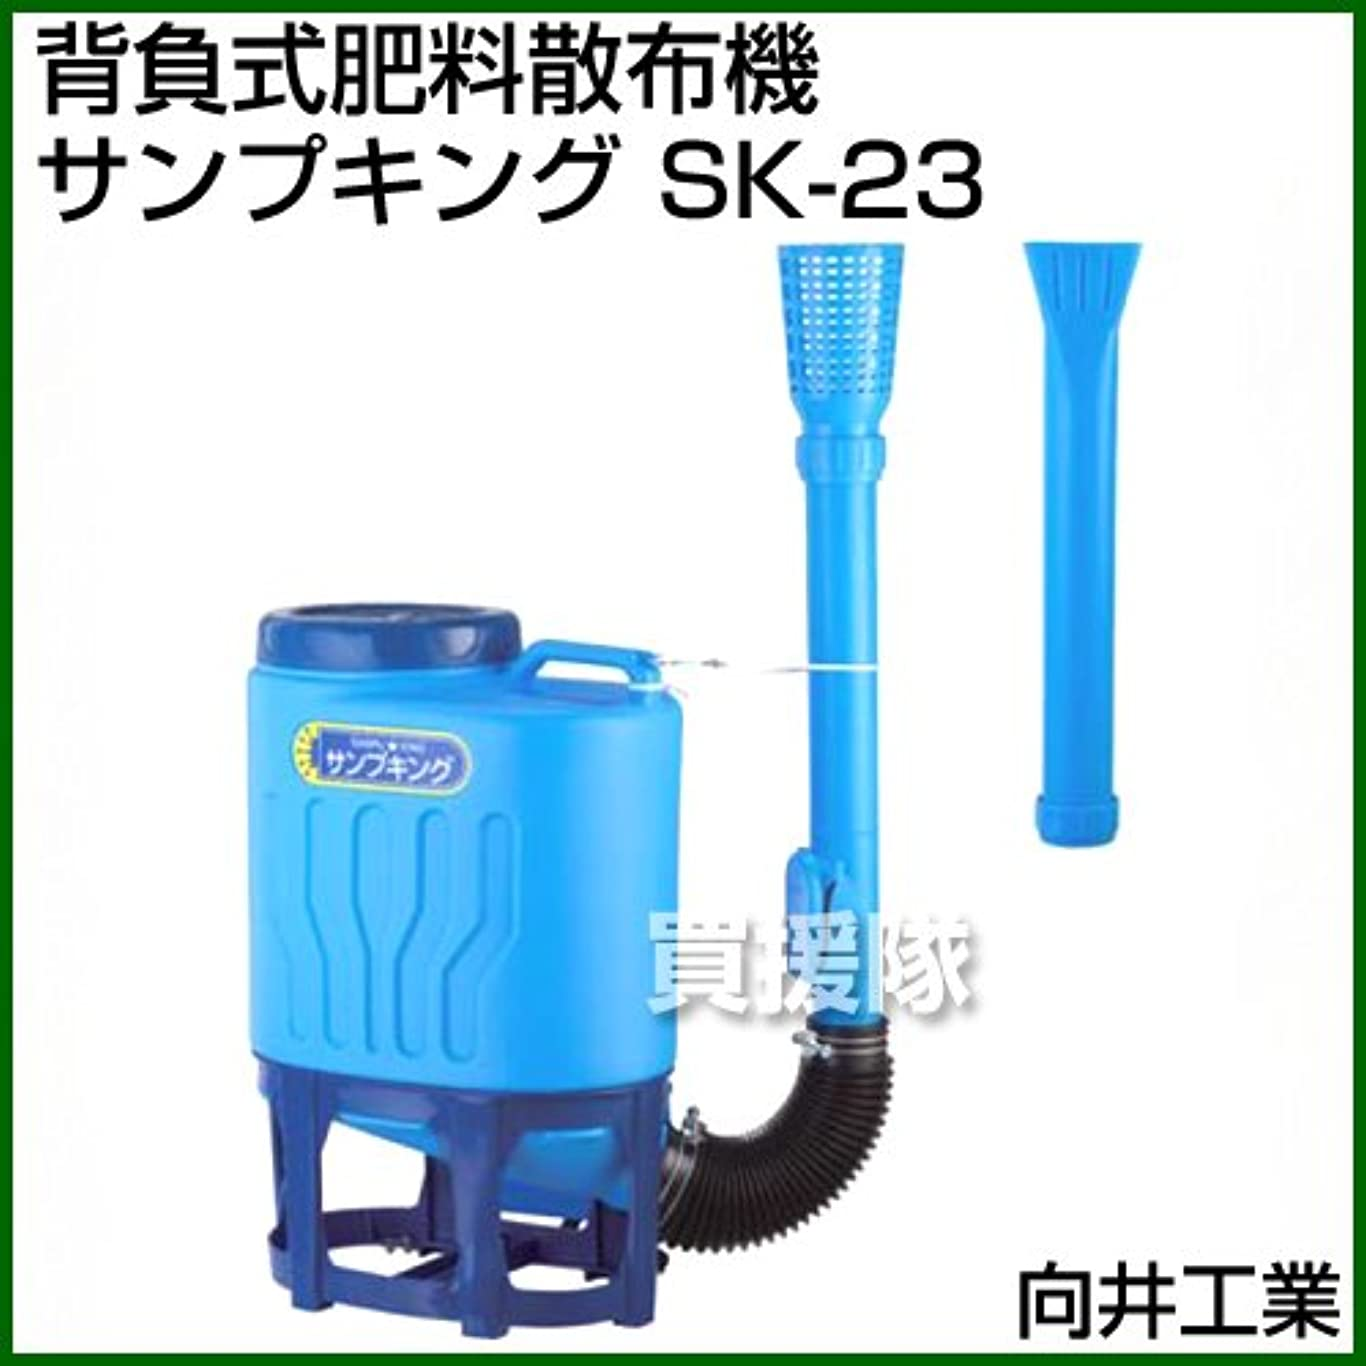 情熱的問い合わせパリティ向井工業 背負式肥料散布機 サンプキング SK-23